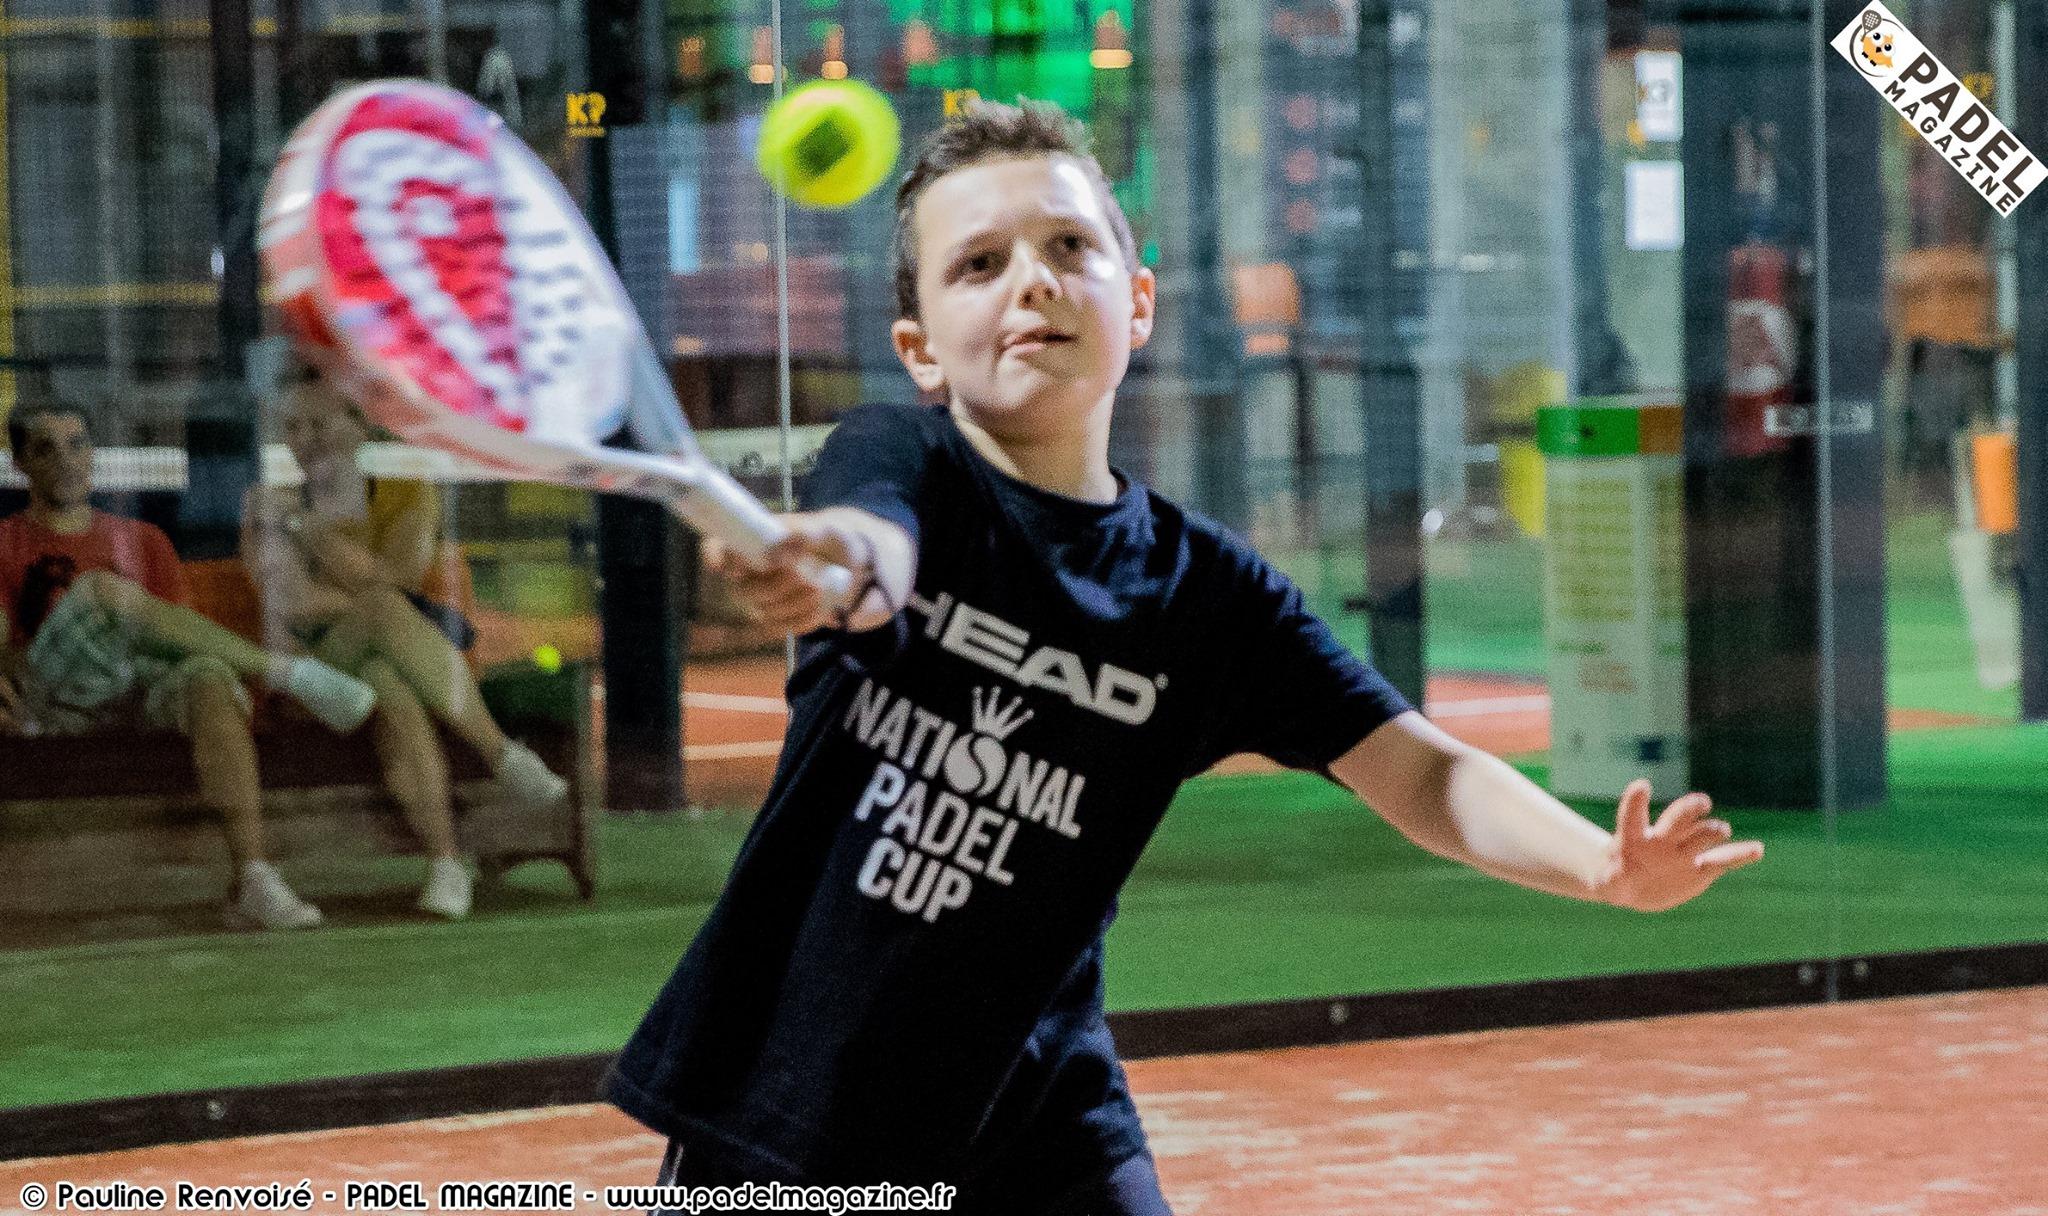 Padel Młodzieżowe Mistrzostwa Francji - 14 i 15 wrzesień - Toulouse Padel Club